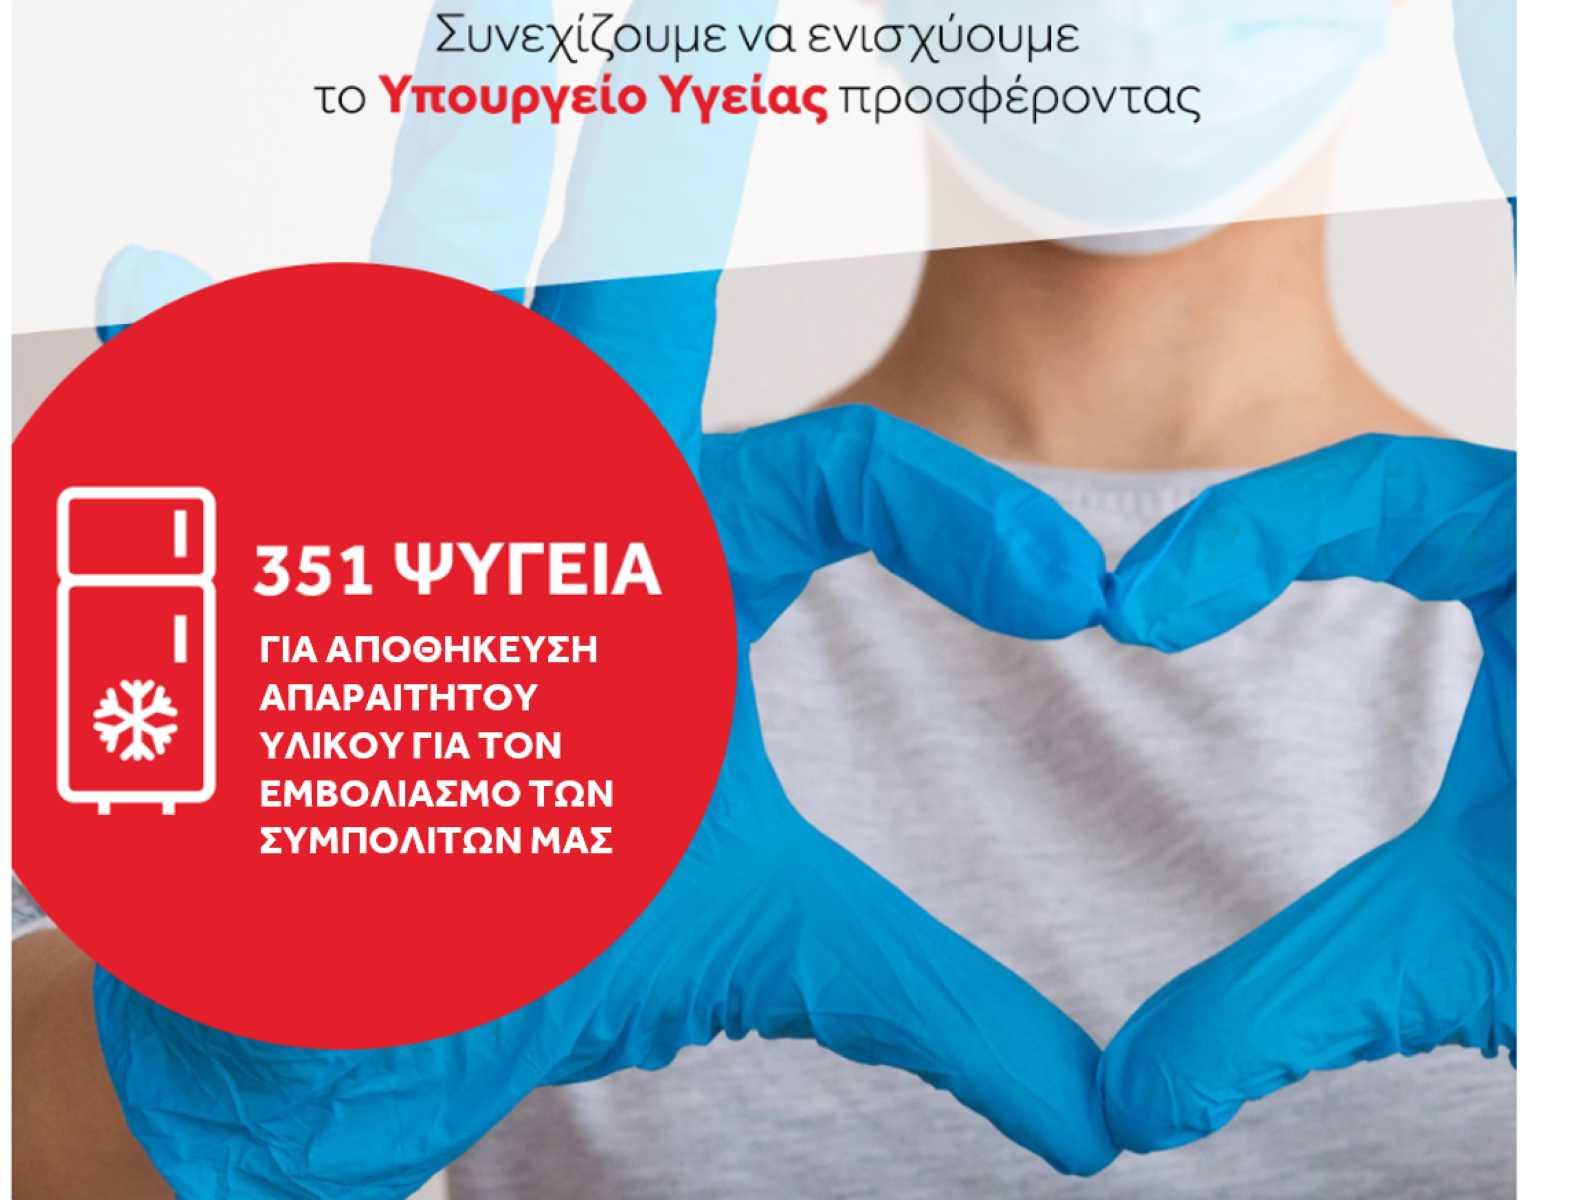 Κορονοϊός: Coca-Cola Τρία Έψιλον και  Frigoglass δωρίζουν 351 ψυγεία στο υπ. Υγείας